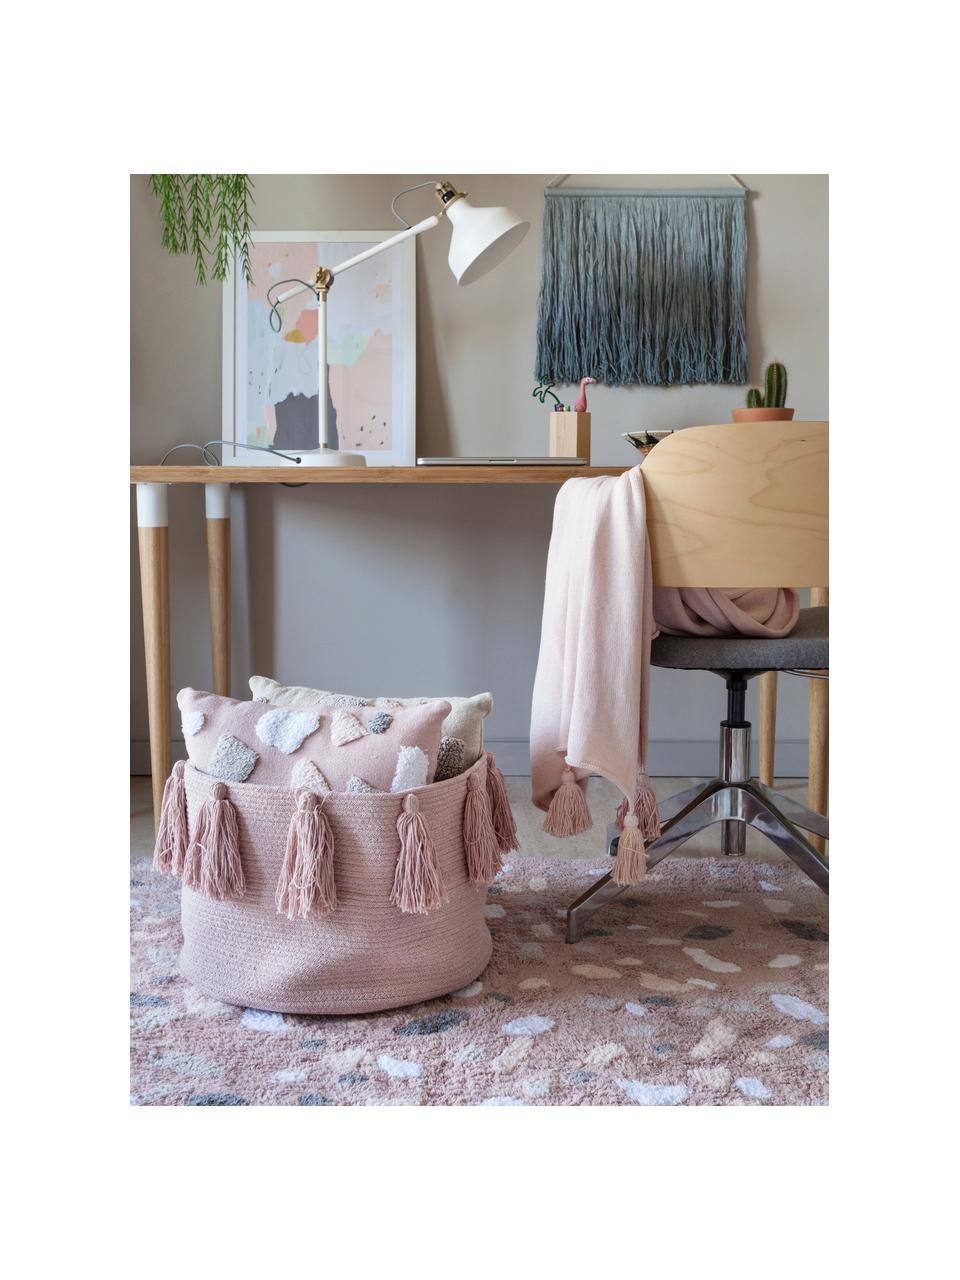 Aufbewahrungskorb Tassels, 97% Baumwolle, 3% recycelte Baumwolle, Rosa, Ø 45 x H 30 cm